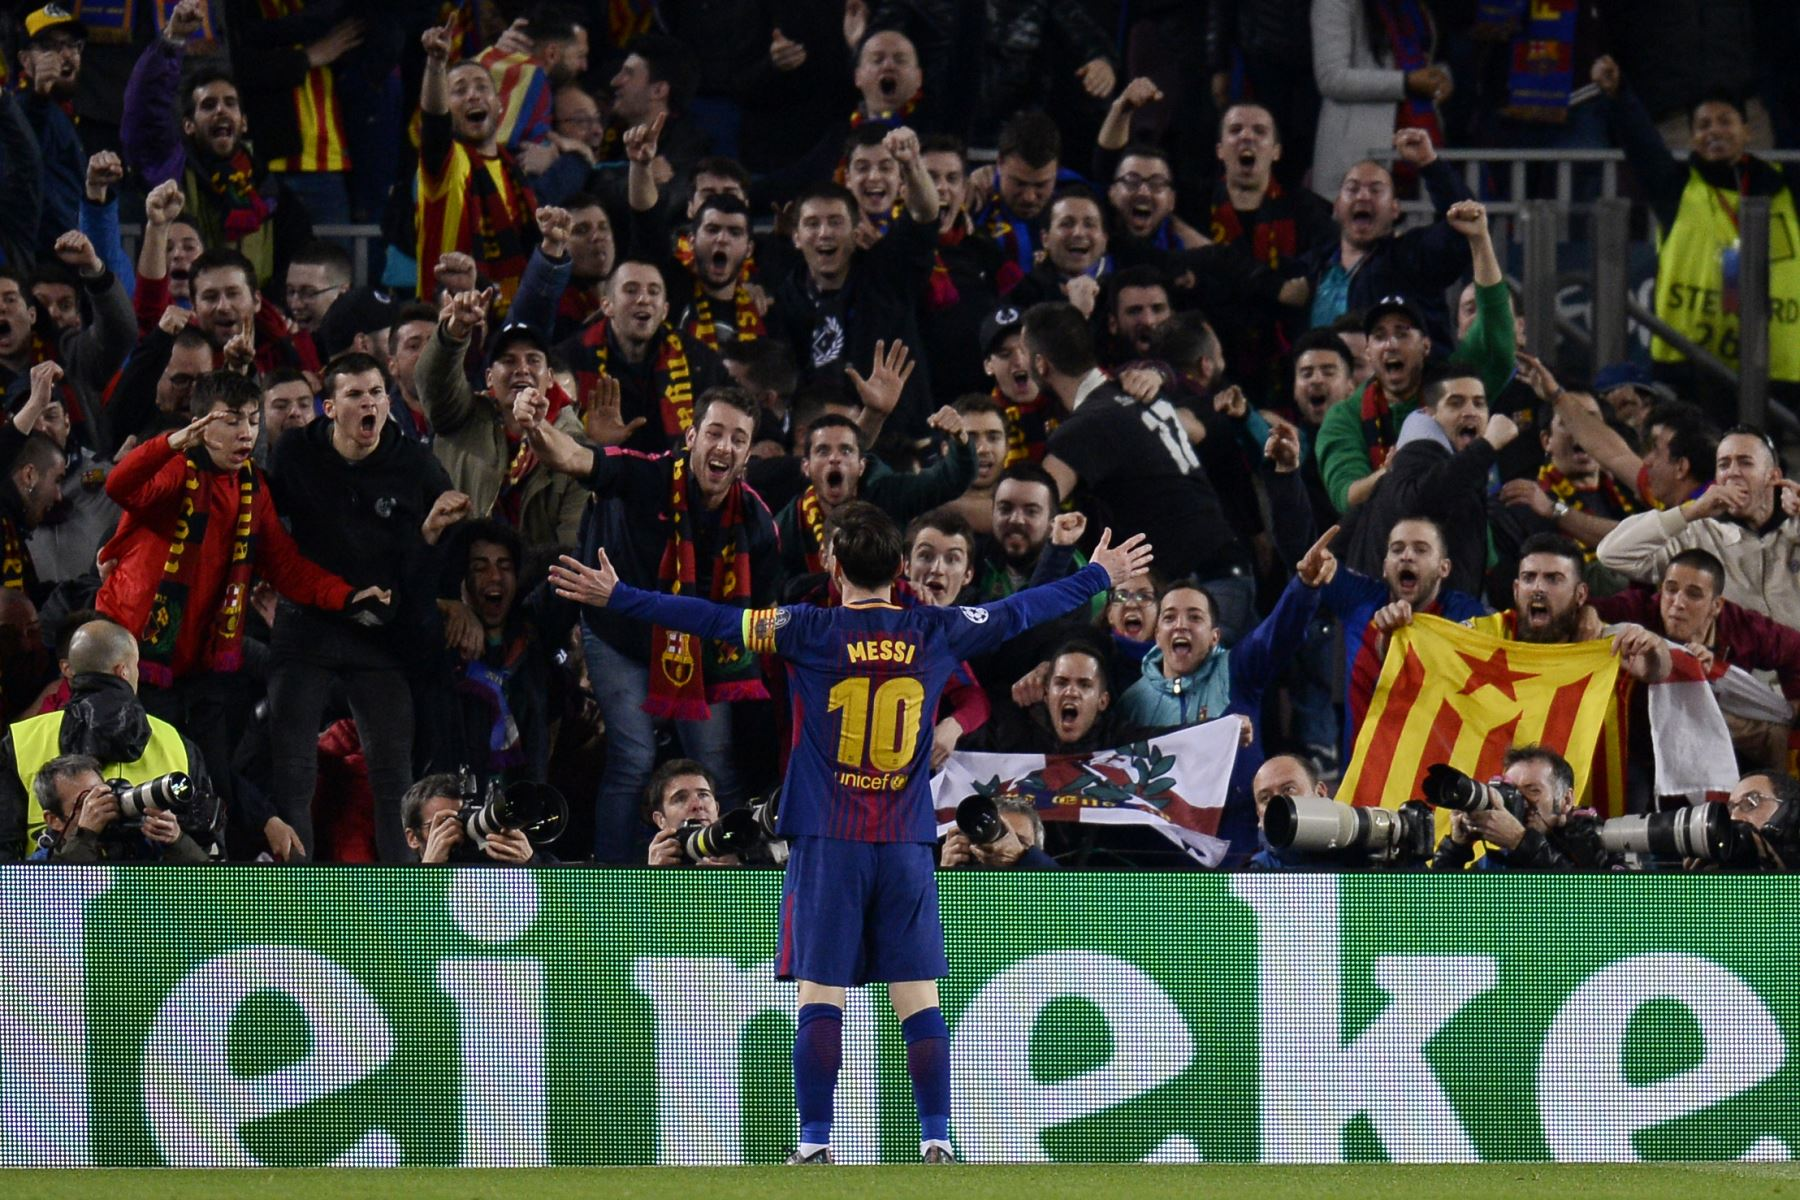 El delantero argentino del Barcelona Lionel Messi celebra el tercer gol de su equipo en la ronda de dieciséis partidos de fútbol de la UEFA Champions League entre el FC Barcelona y el Chelsea FC en el Camp Nou. Foto: AFP